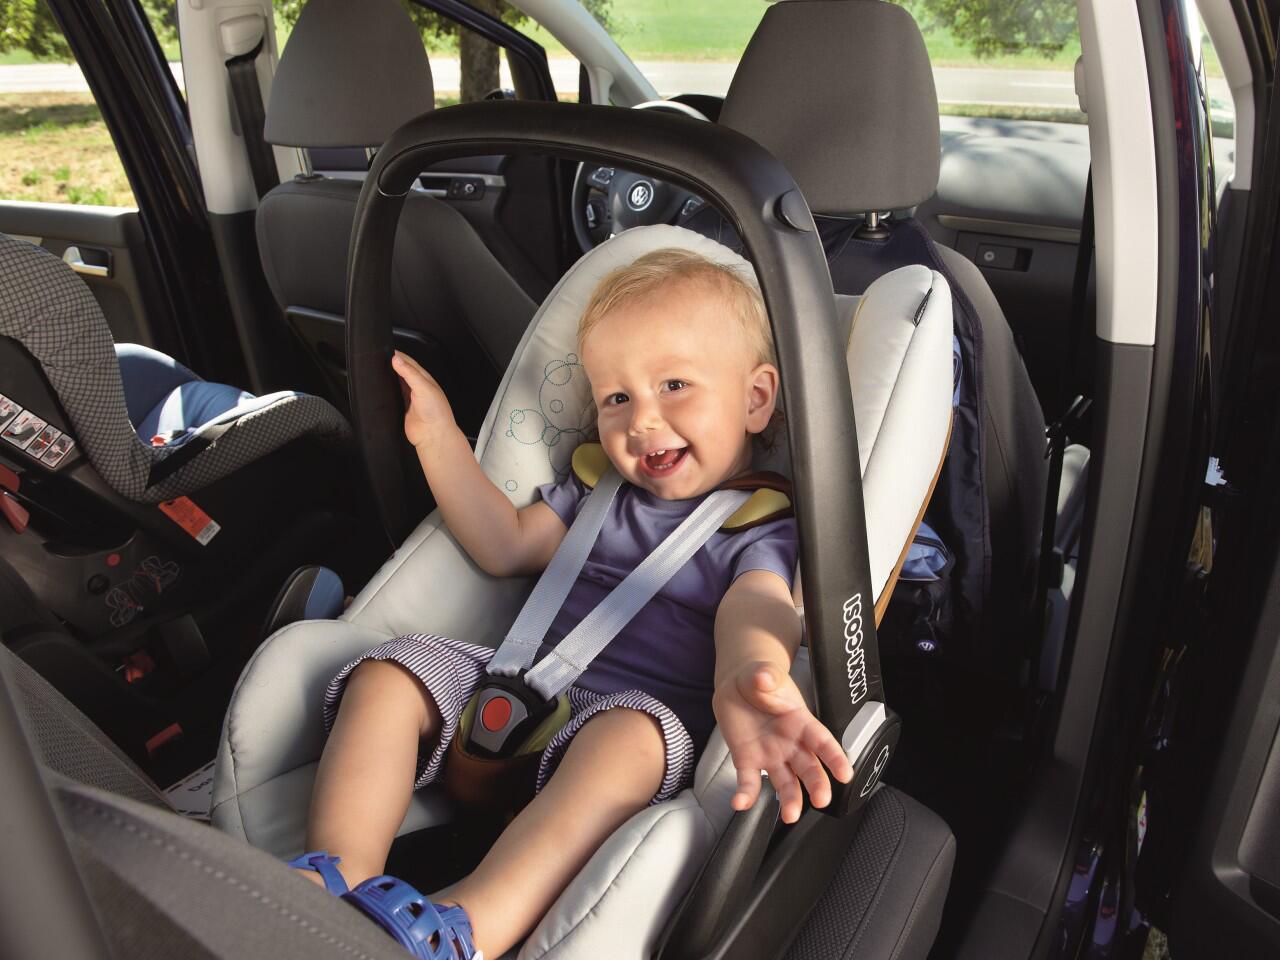 Bild zu Kindersitze kaufen: So treffen Sie die richtige Wahl